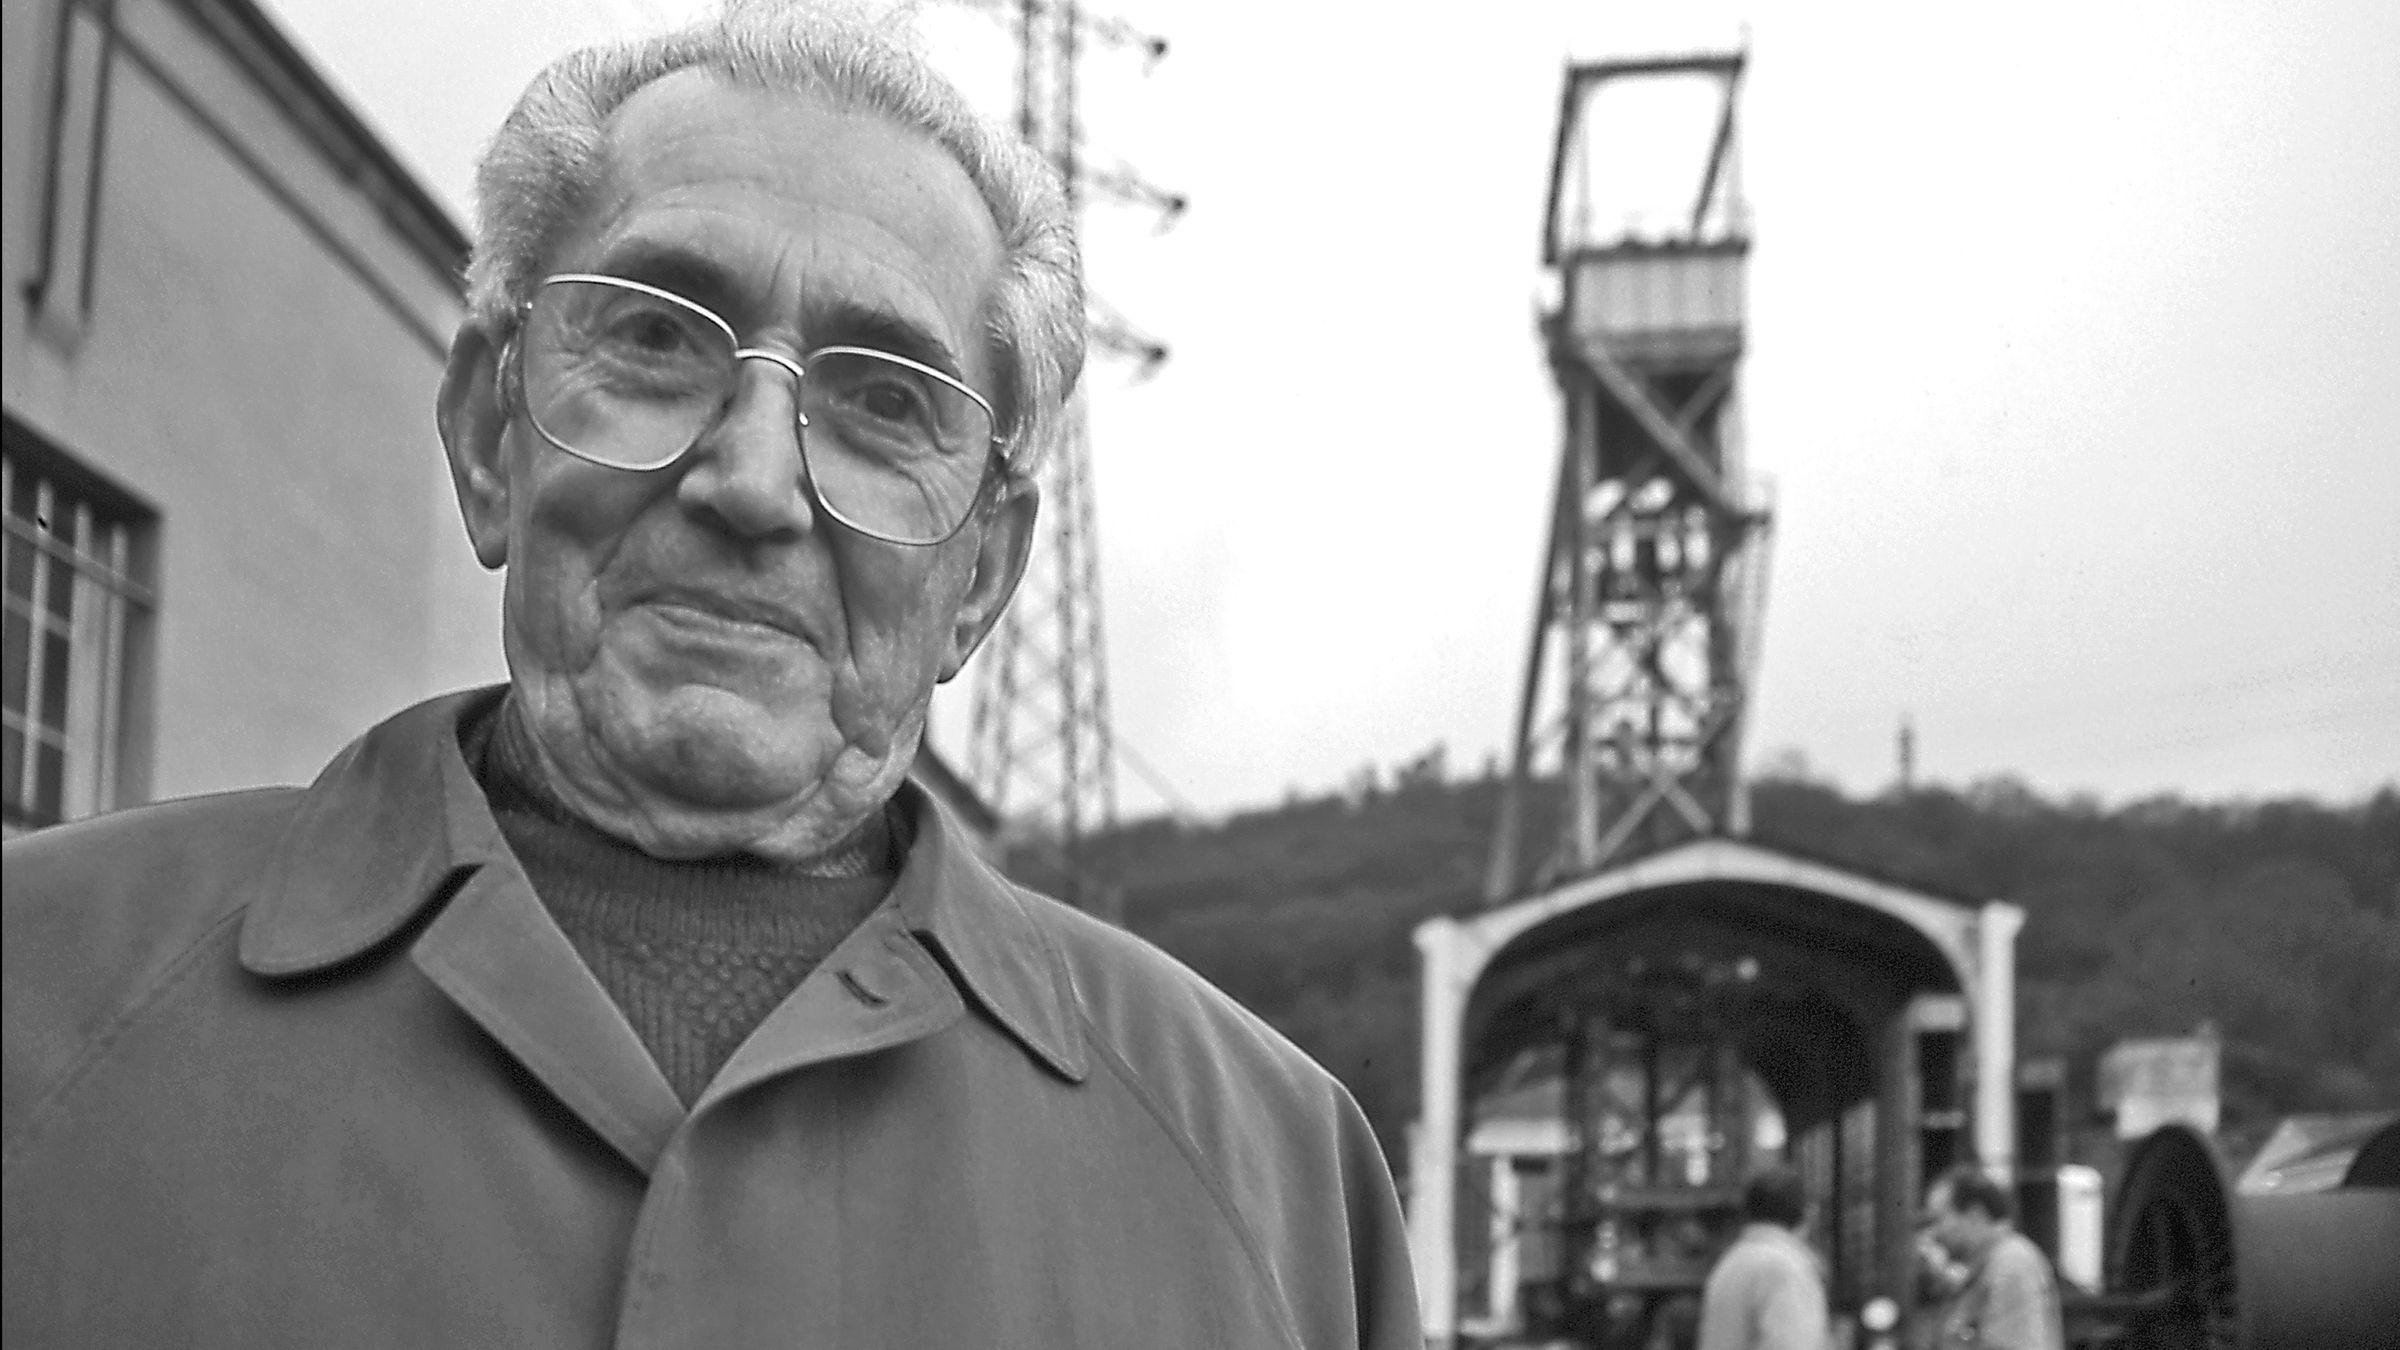 Marcelino Camacho en el Pozo Candin. Langreo. Asturias 1996